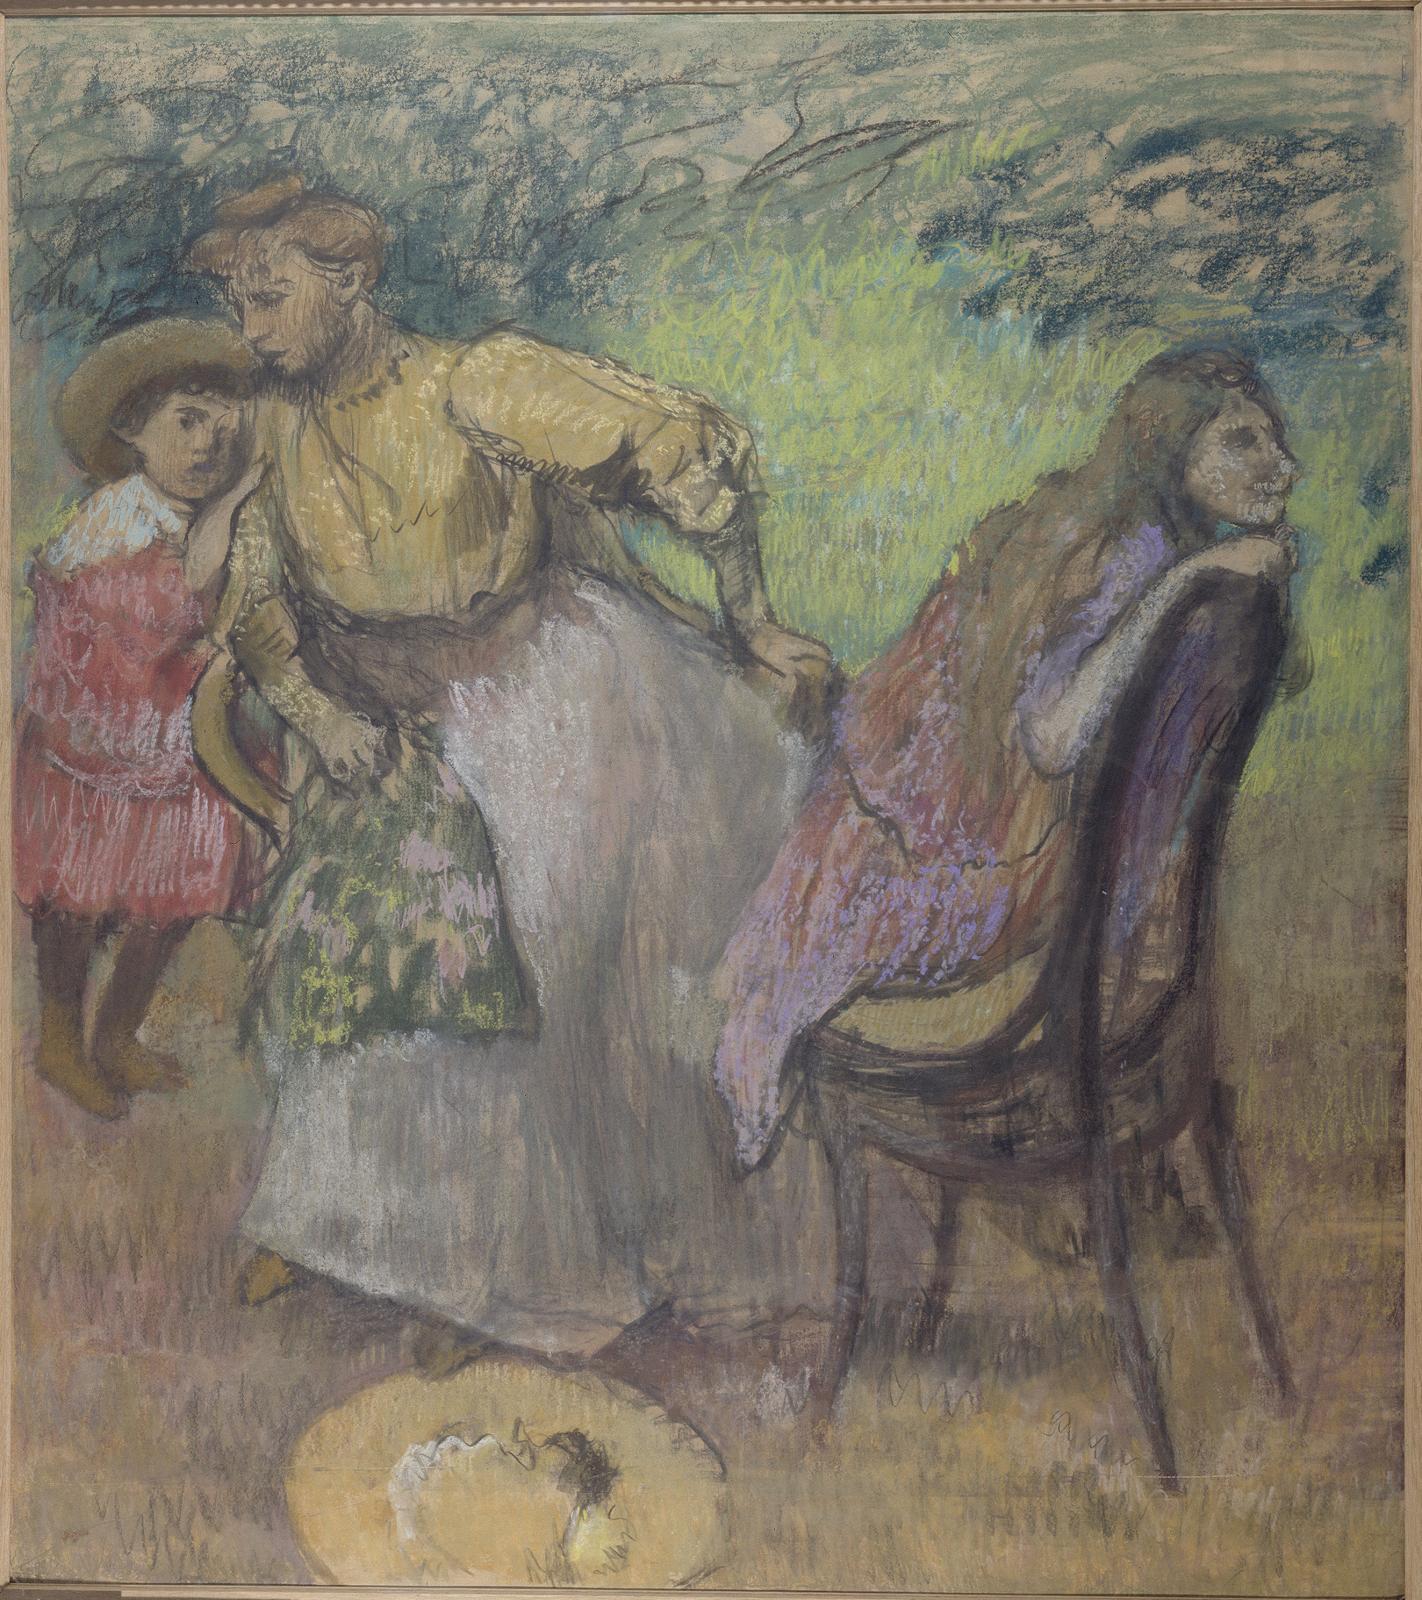 Edgar Degas, Madame Alexis Rouartet ses enfants, vers 1905 (détail).La jeune femme est une brud'Henri Rouart. © Paris Musées/ Petit Pal